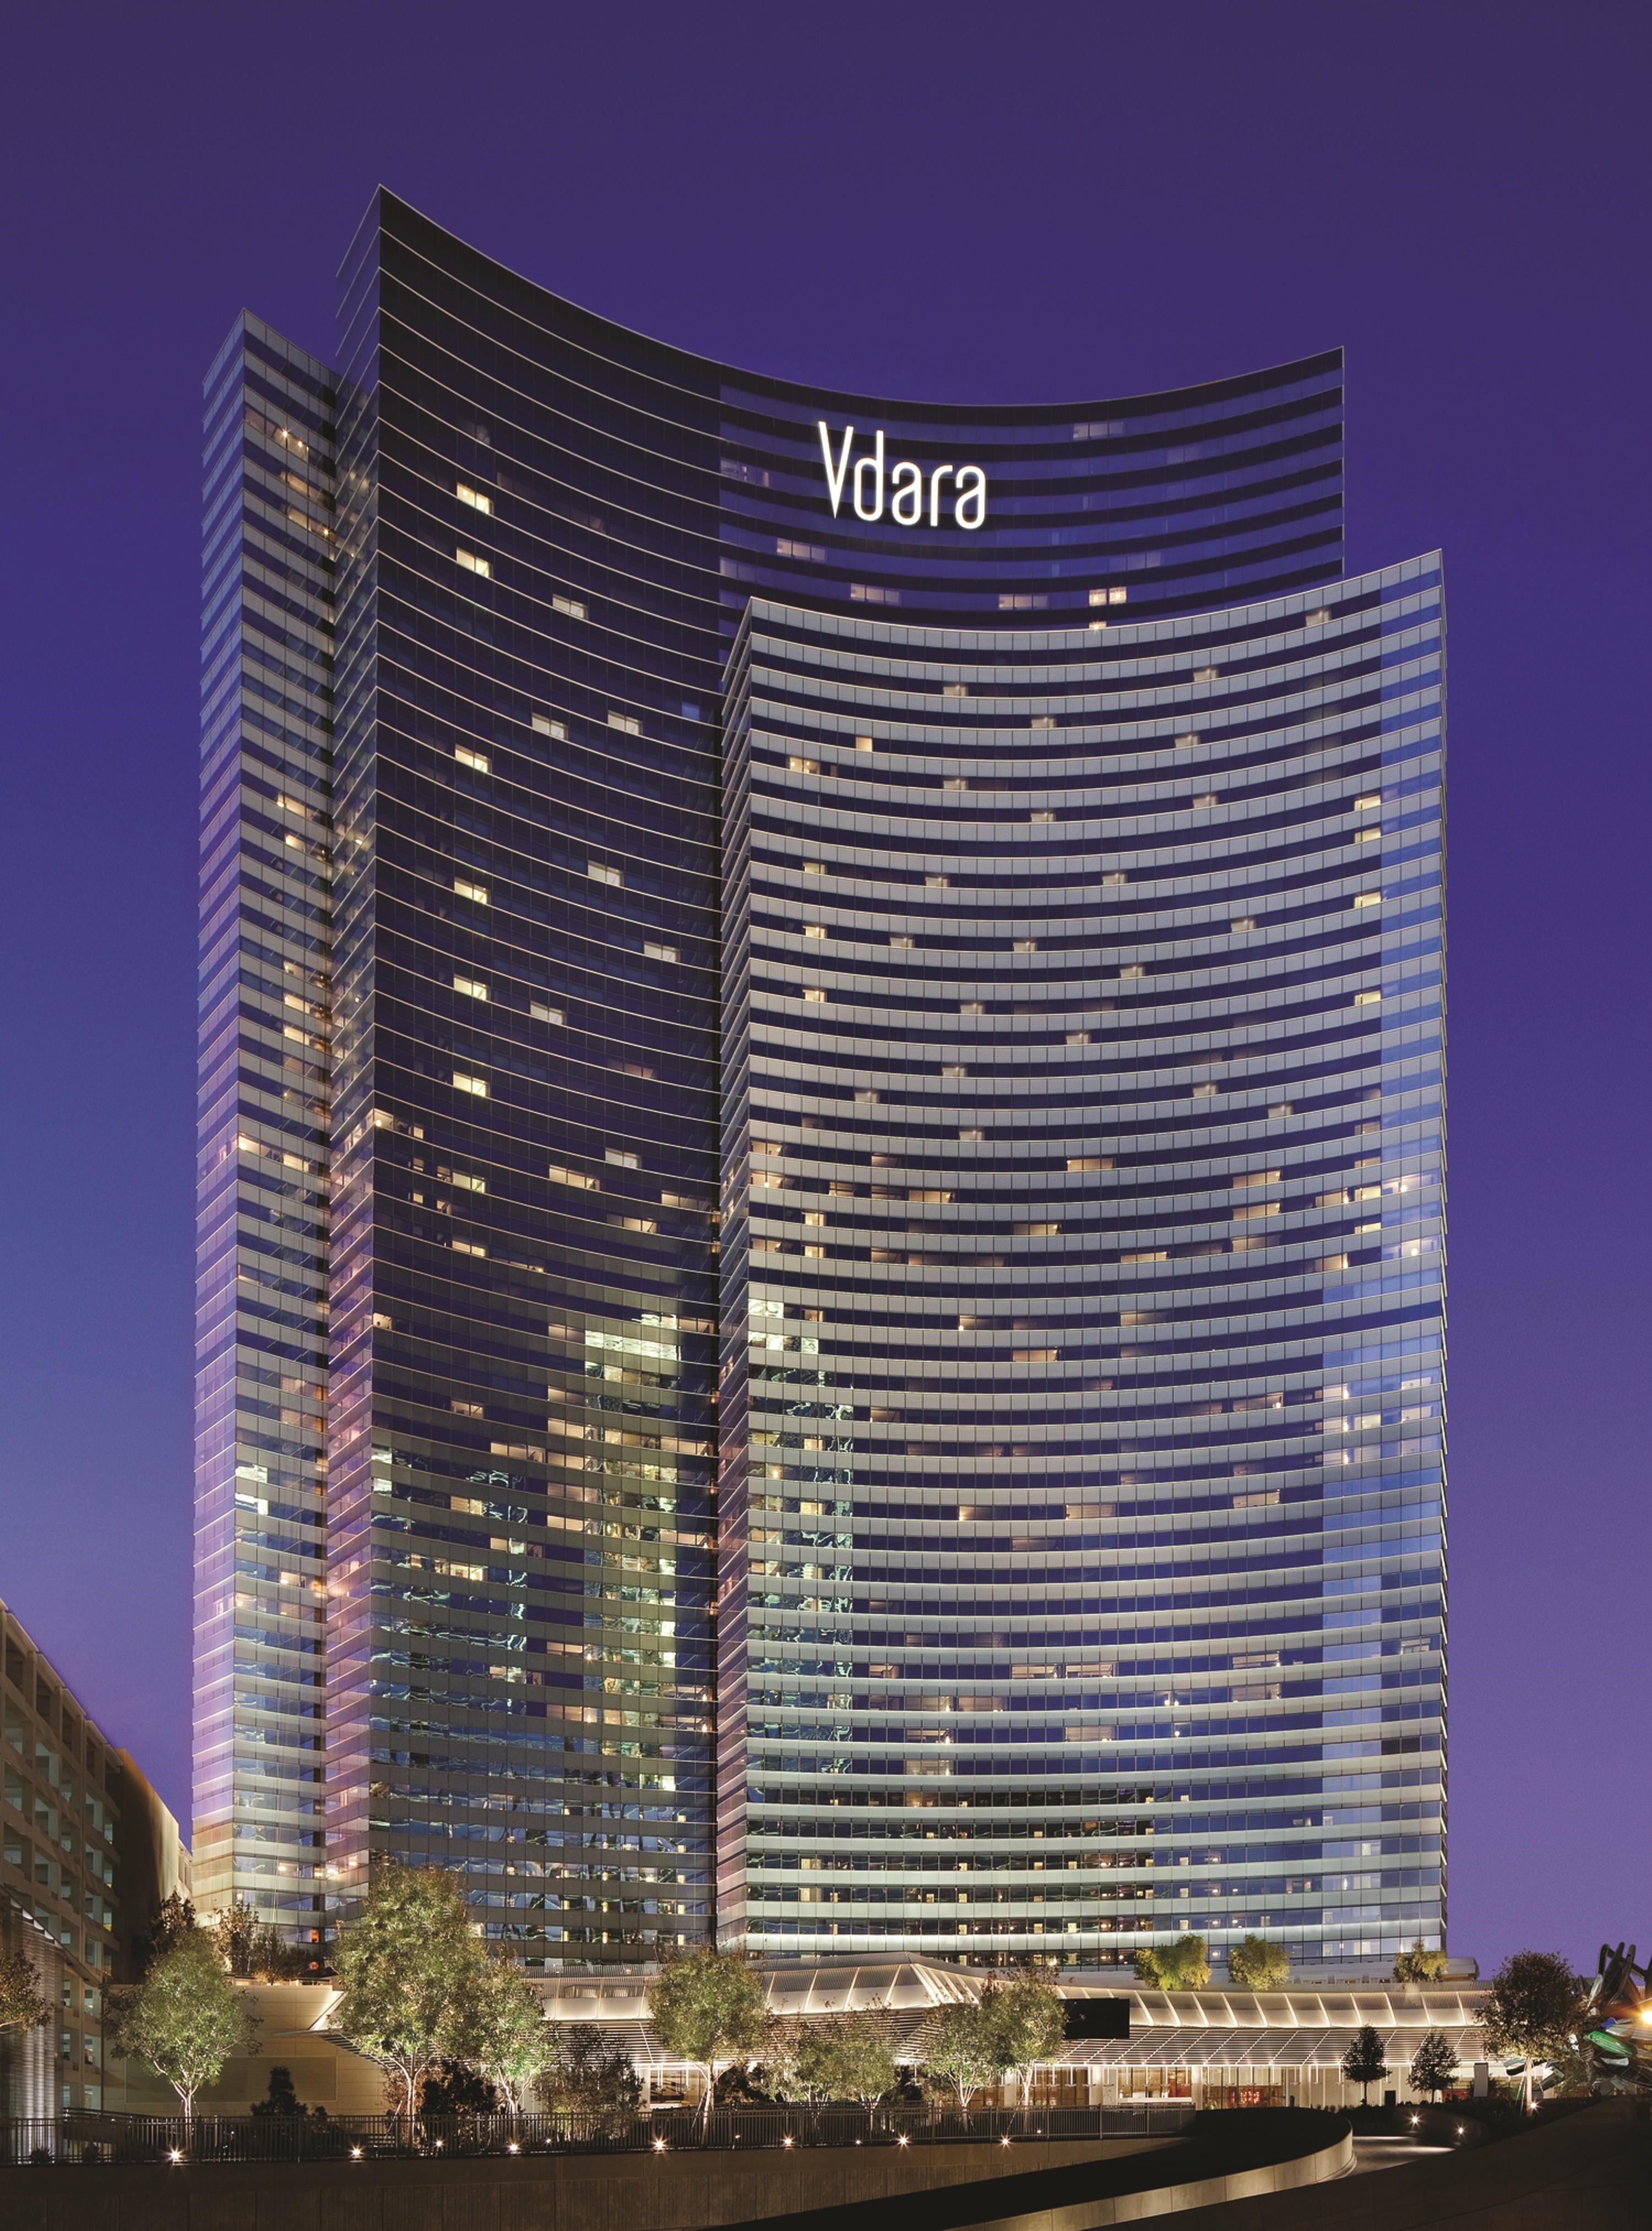 Vdara Hotel & Spa at ARIA Las Vegas, Clark